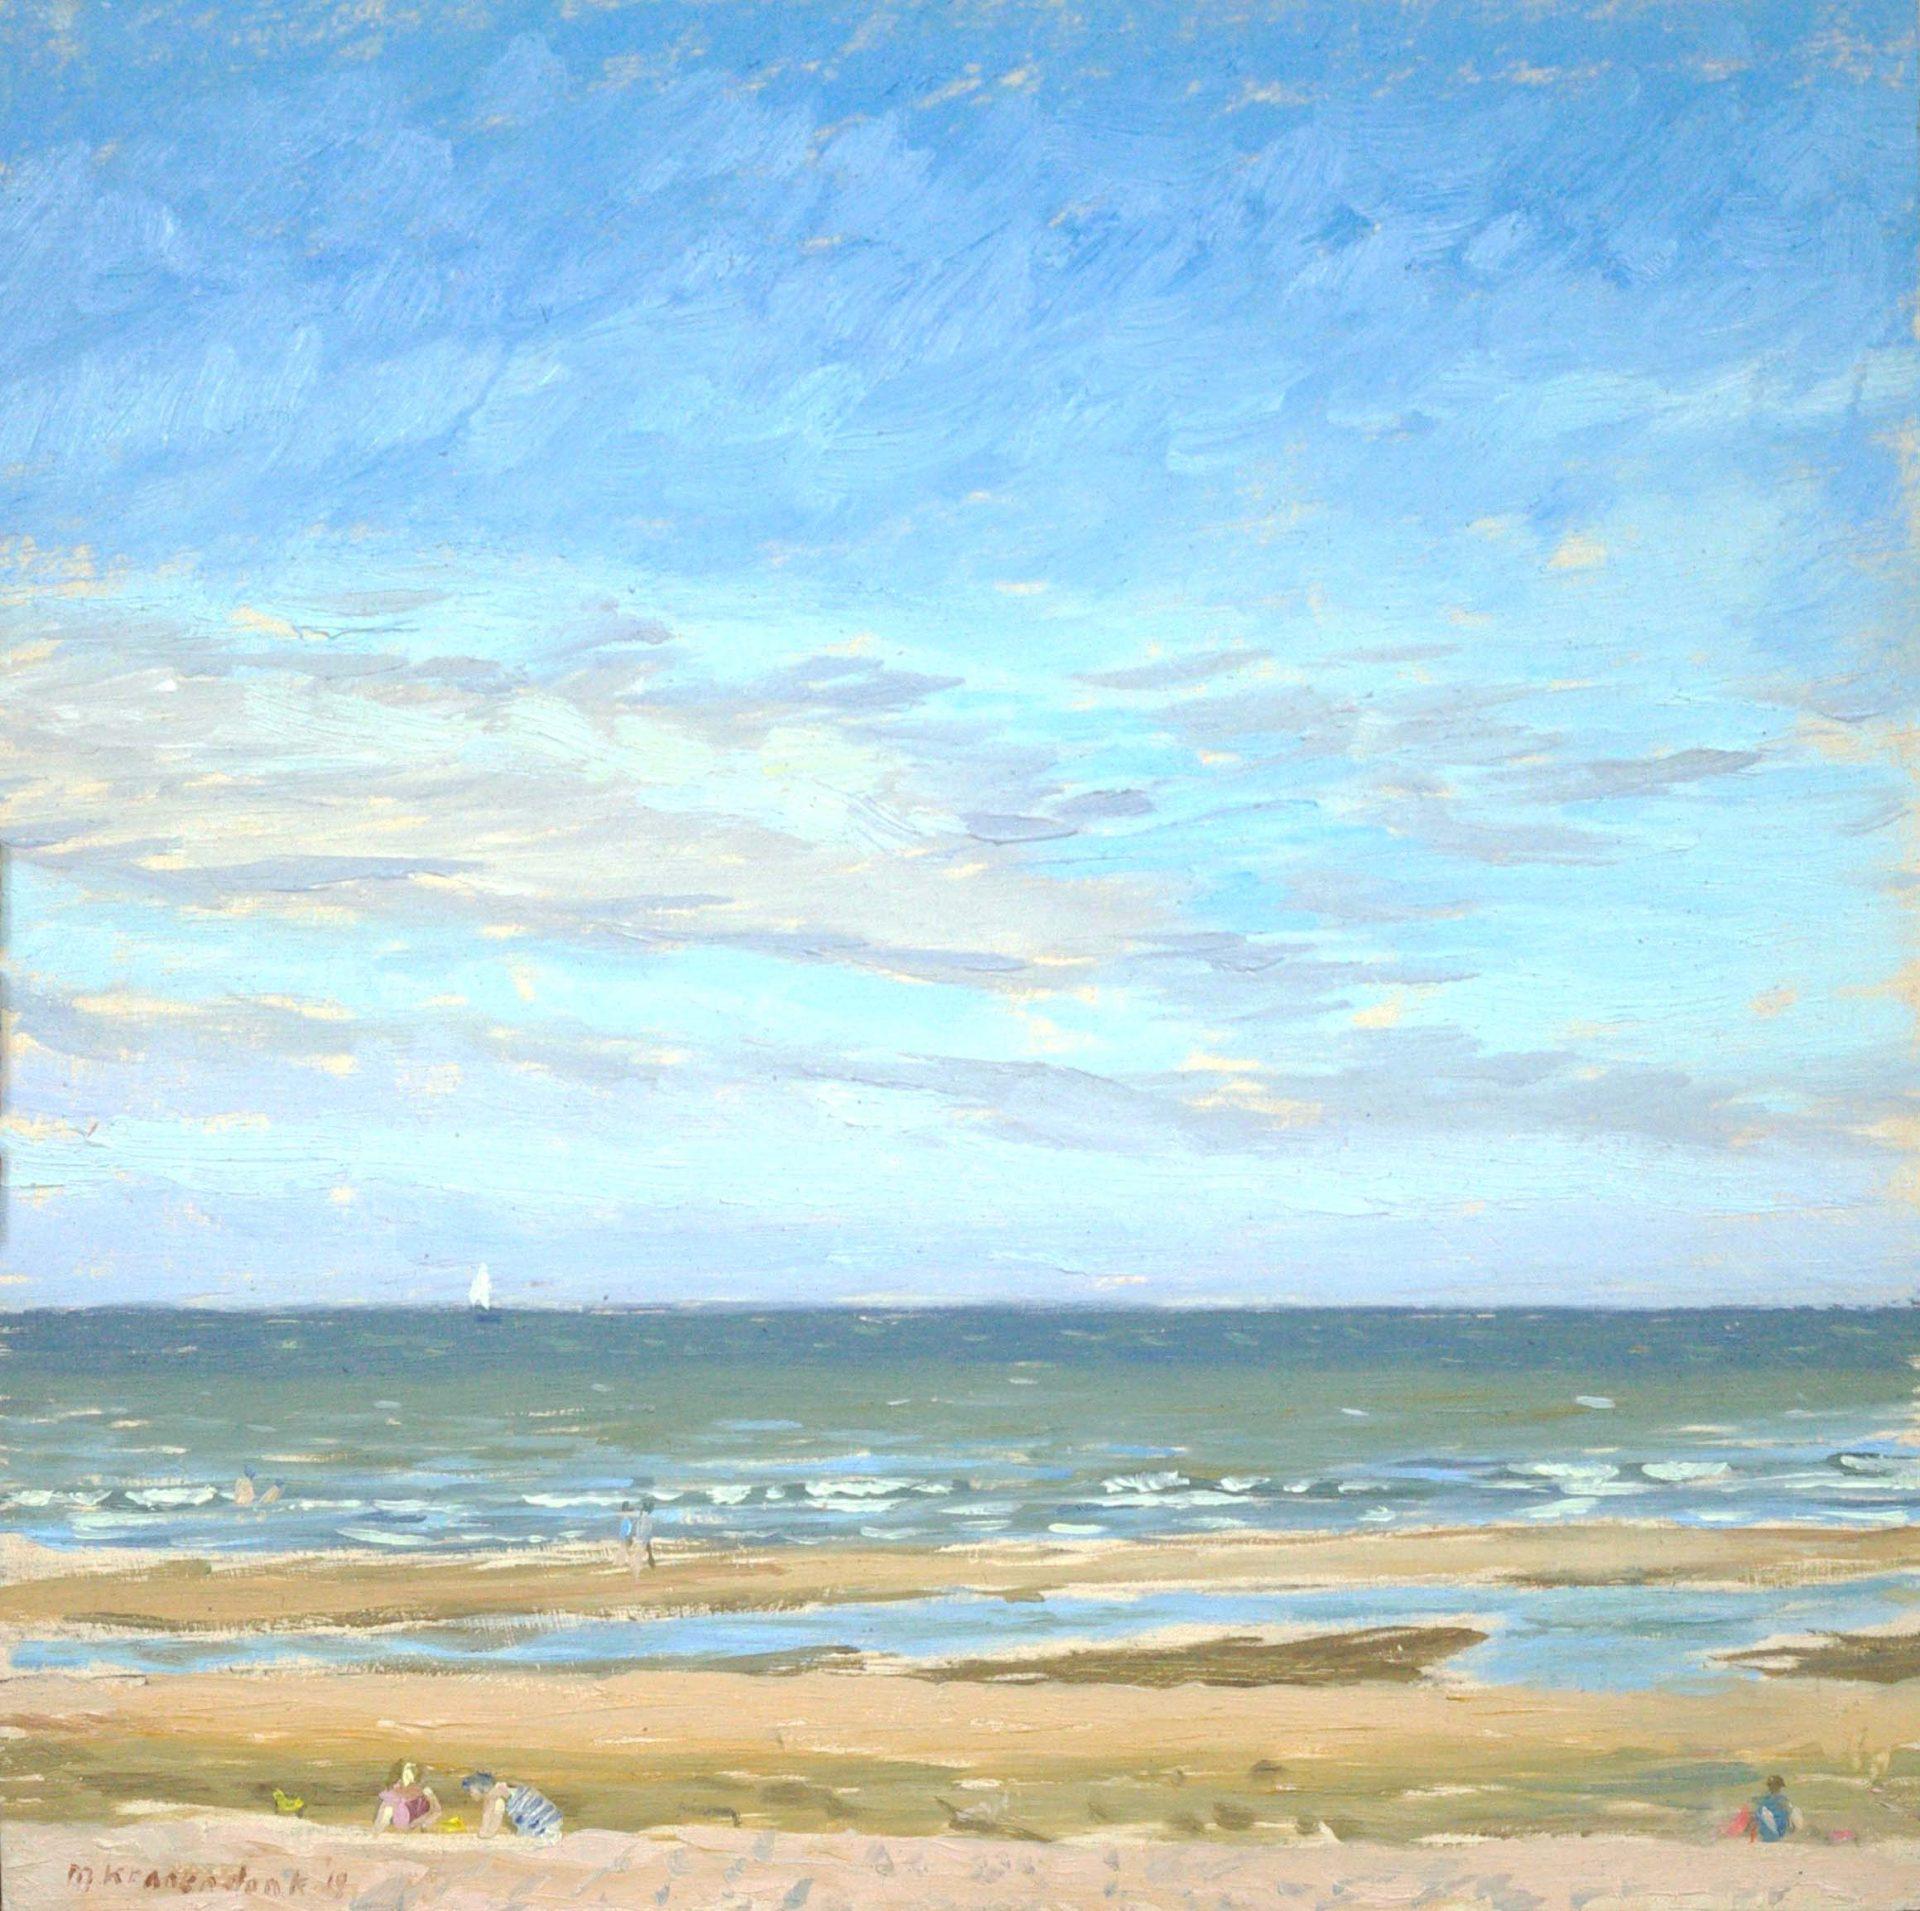 Olieverfschilderij van zonnig strand en zee Katwijk. Nederlands strandgezicht figuratief